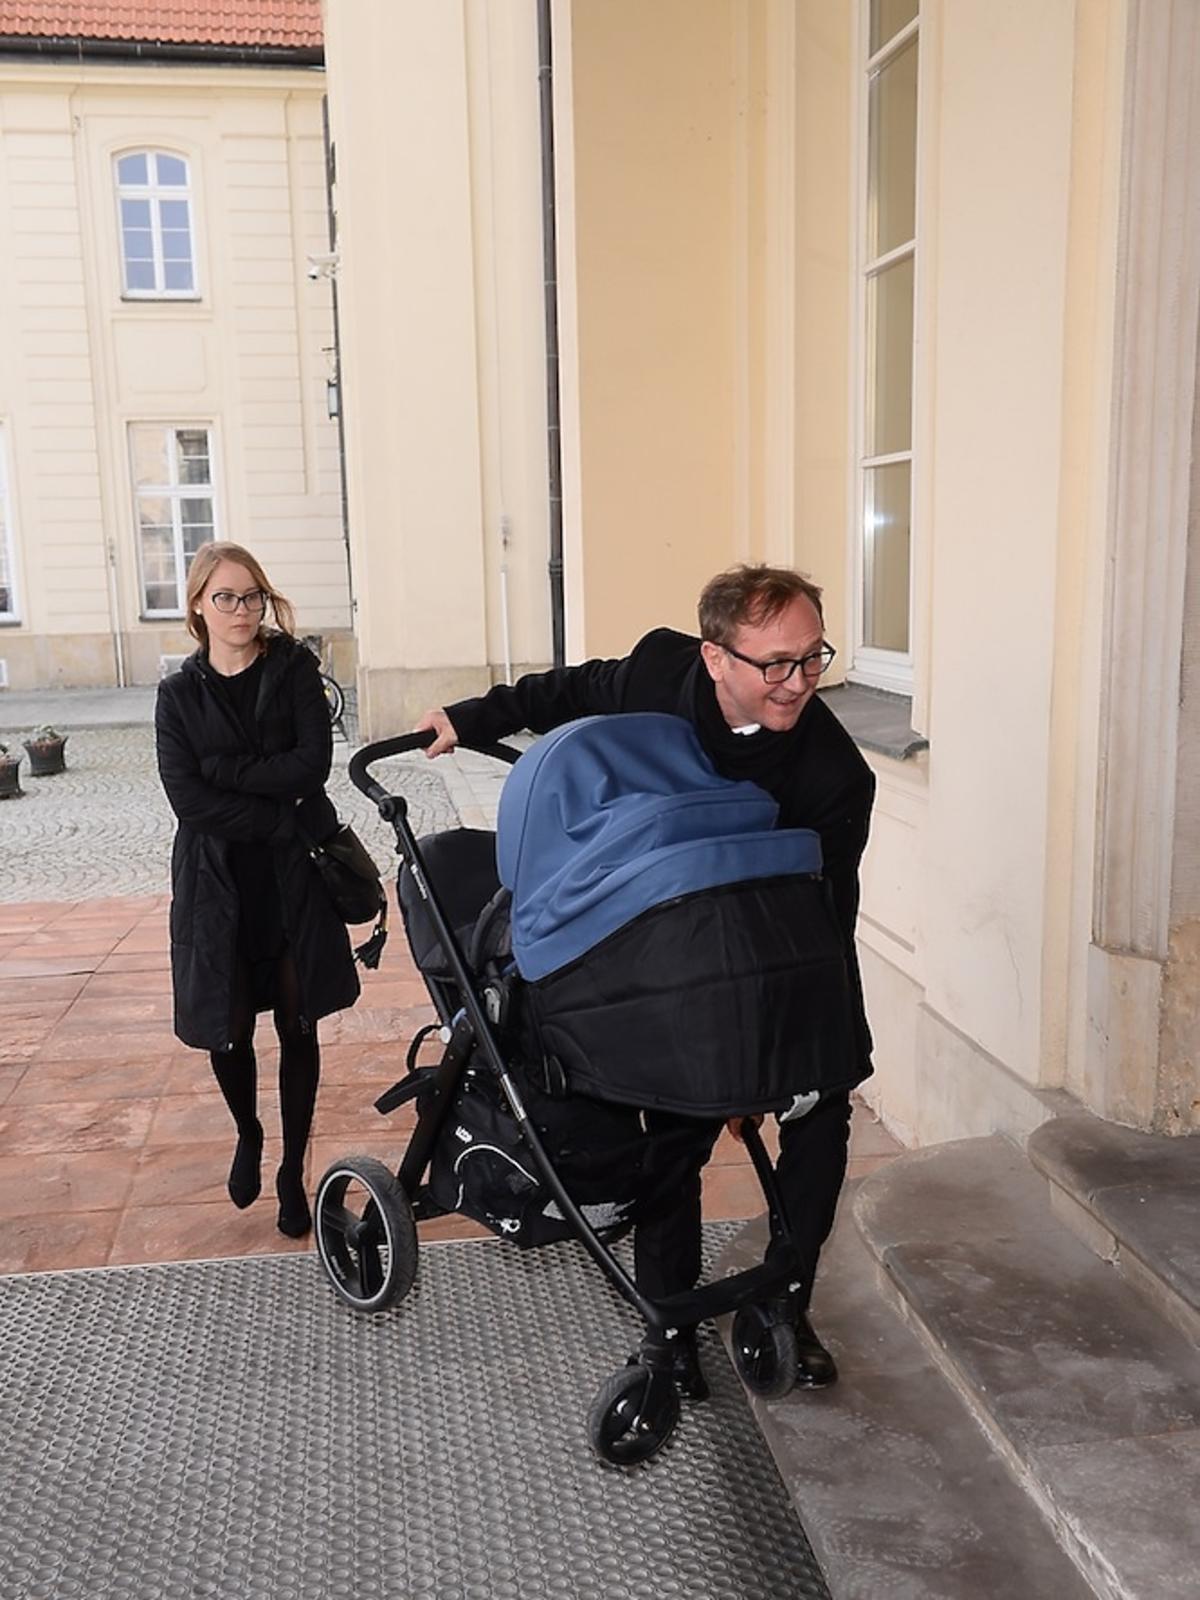 Andrzej Chyra wnosi wózek z synkiem do Ministerstwa Kultury